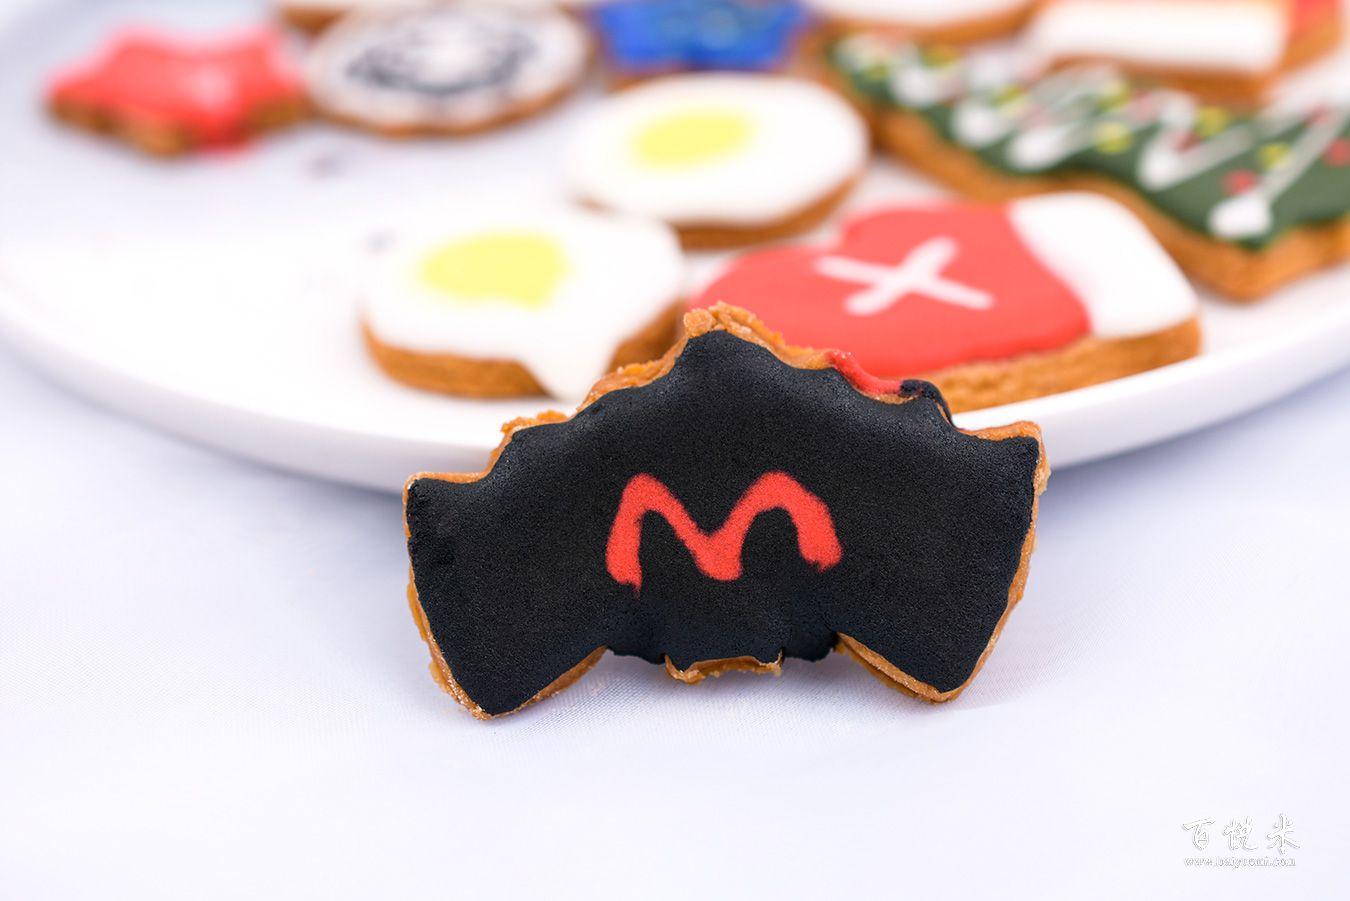 手绘卡通糖霜饼干高清图片大全【蛋糕图片】_932